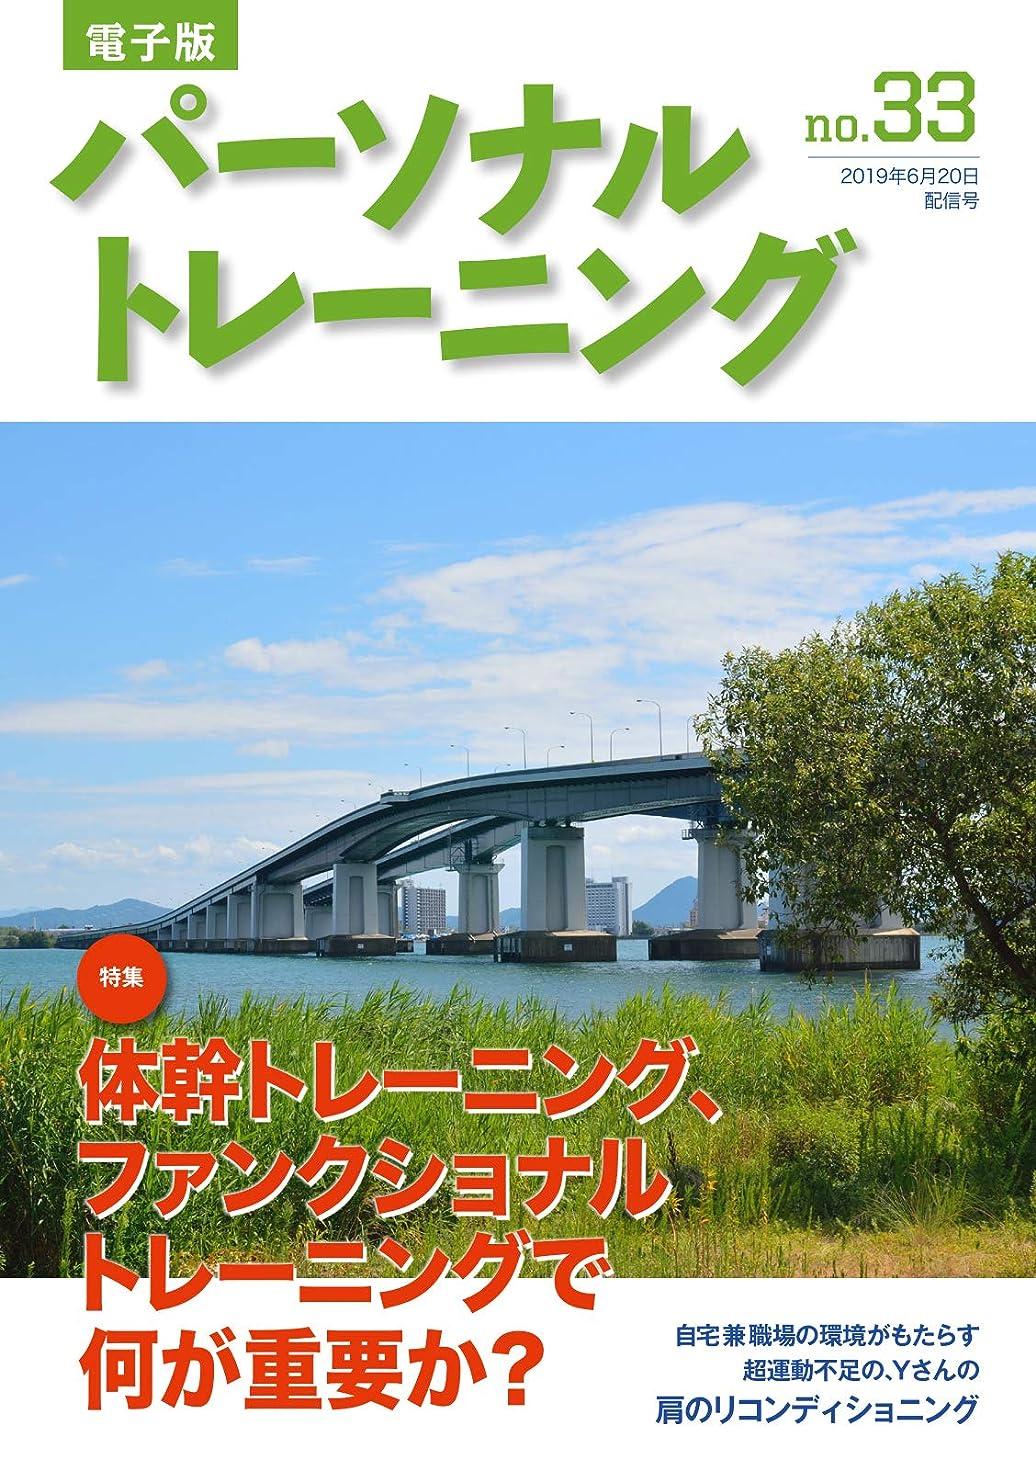 晩ごはん銛オフセットパーソナルトレーニング No.33 (2019-06-20) [雑誌]